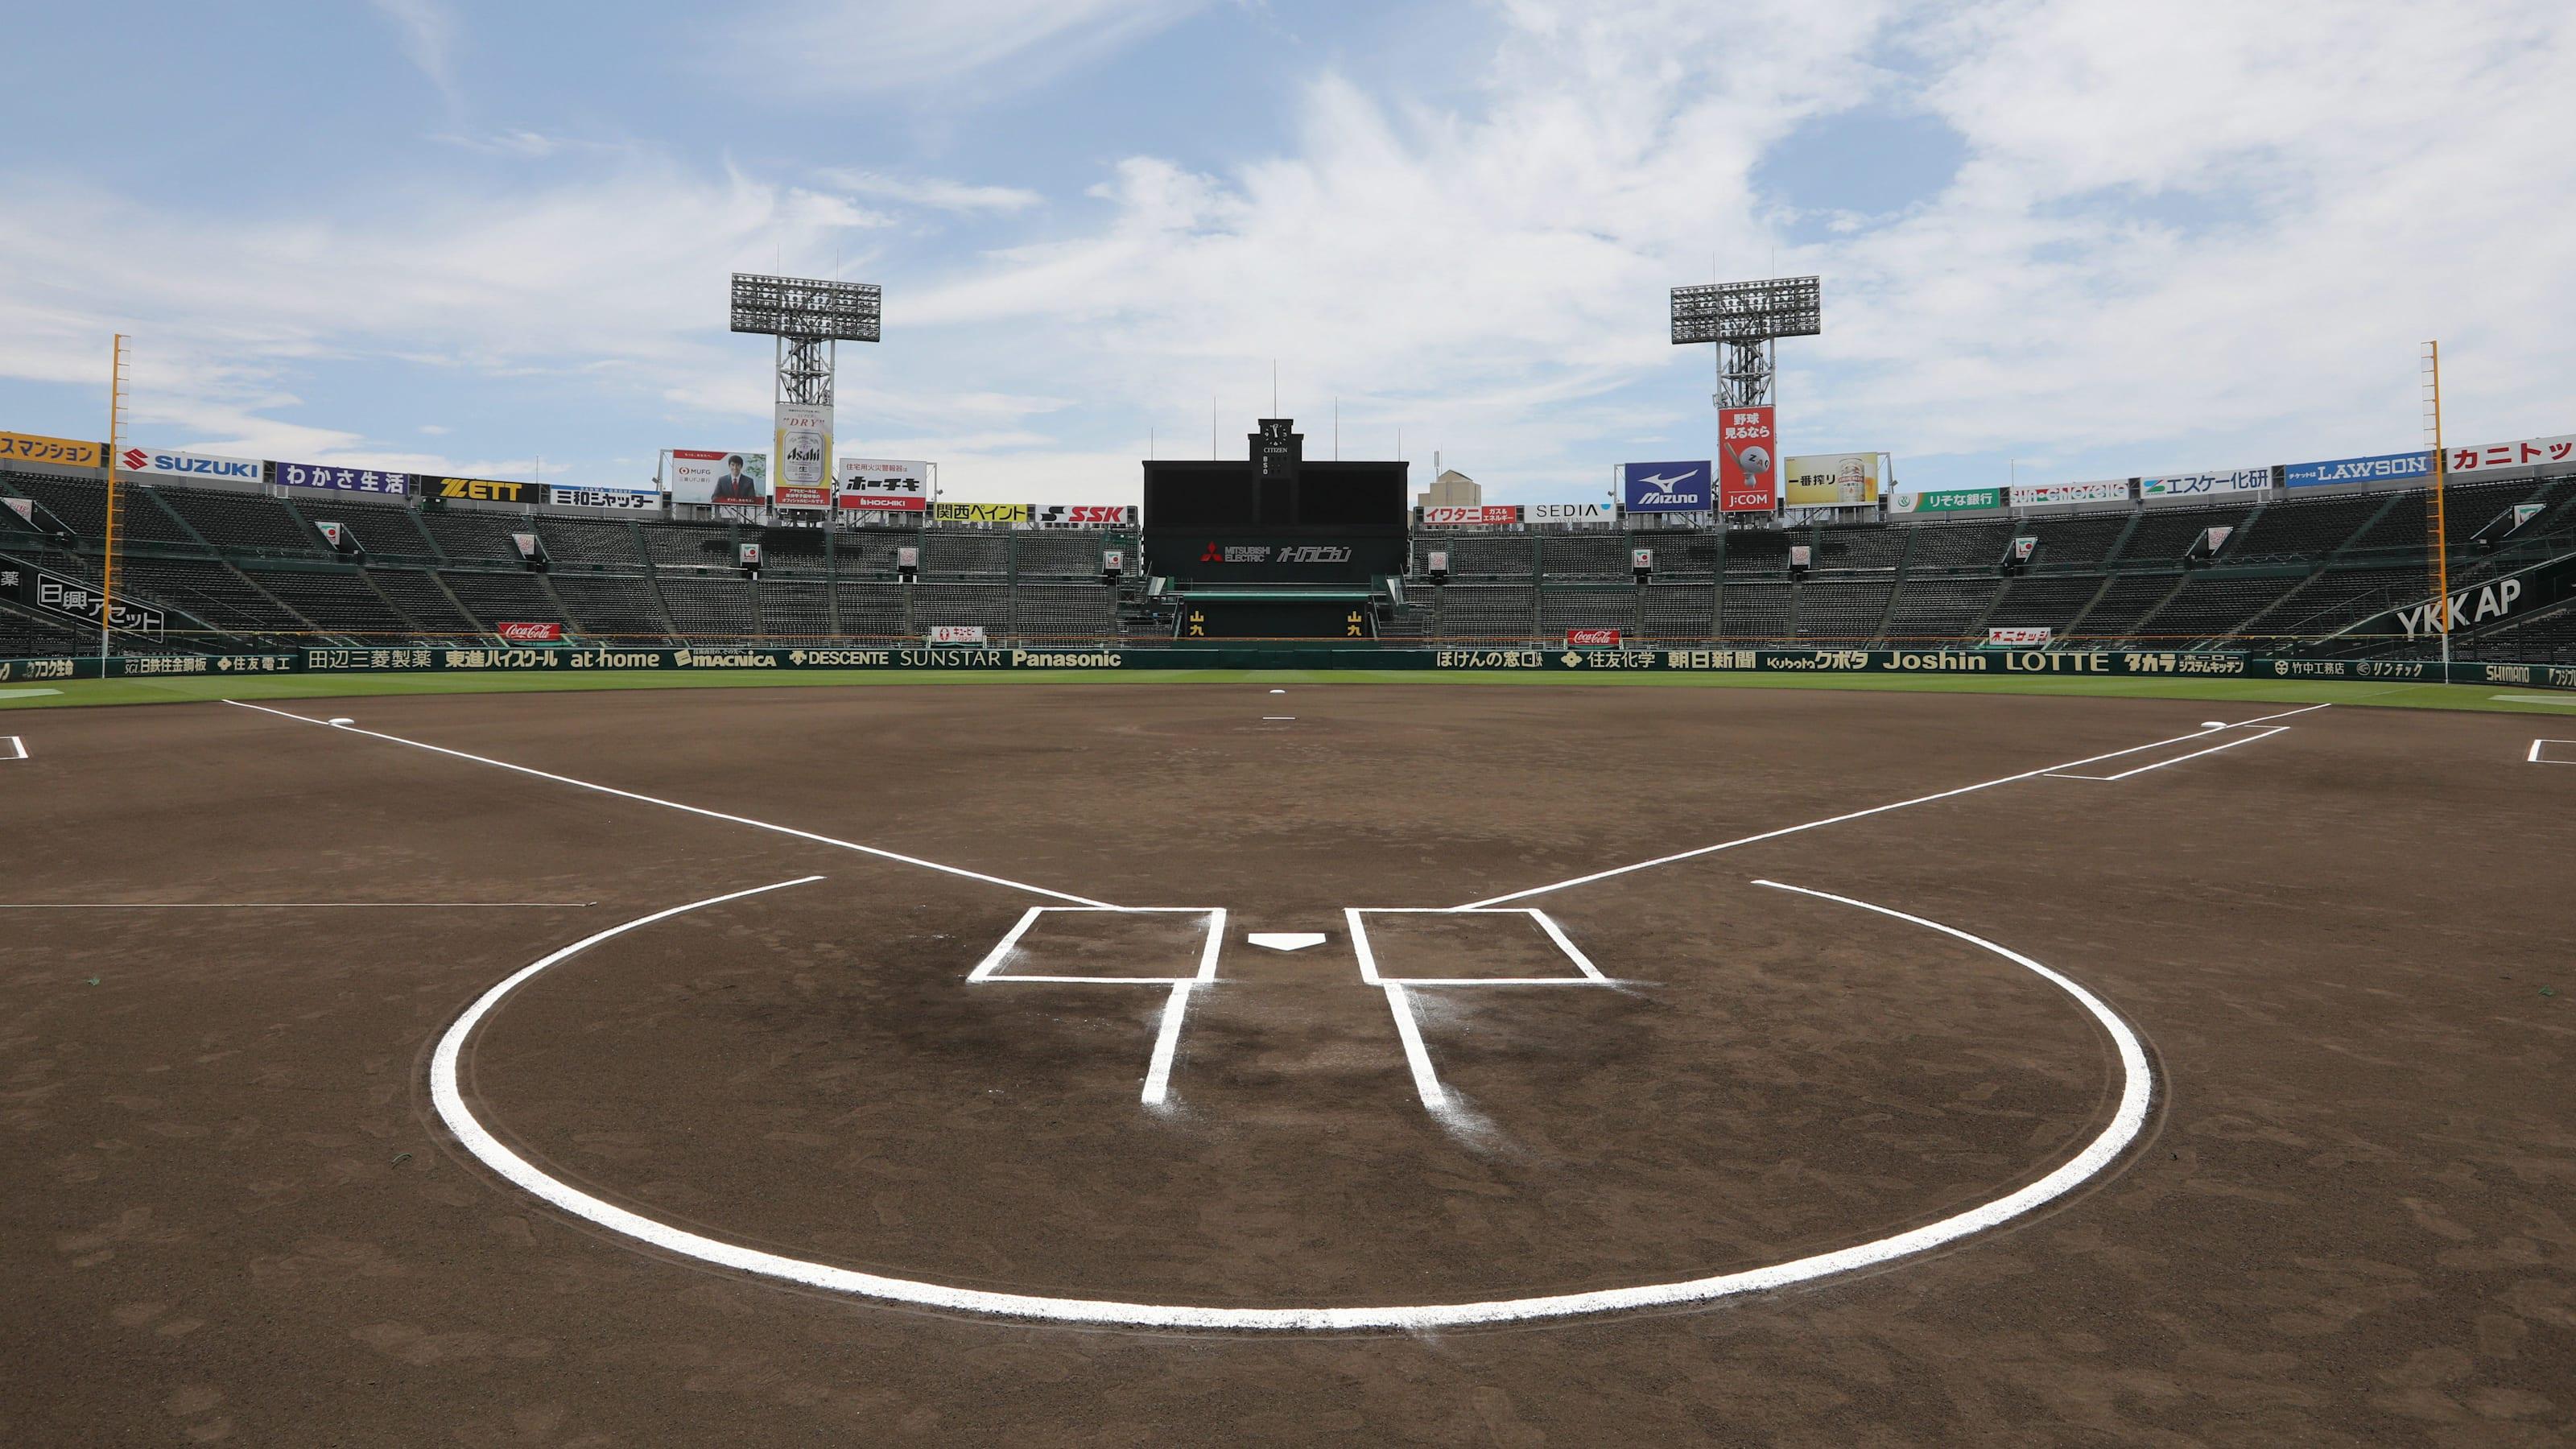 日程 戦 甲子園 交流 公益財団法人日本高等学校野球連盟